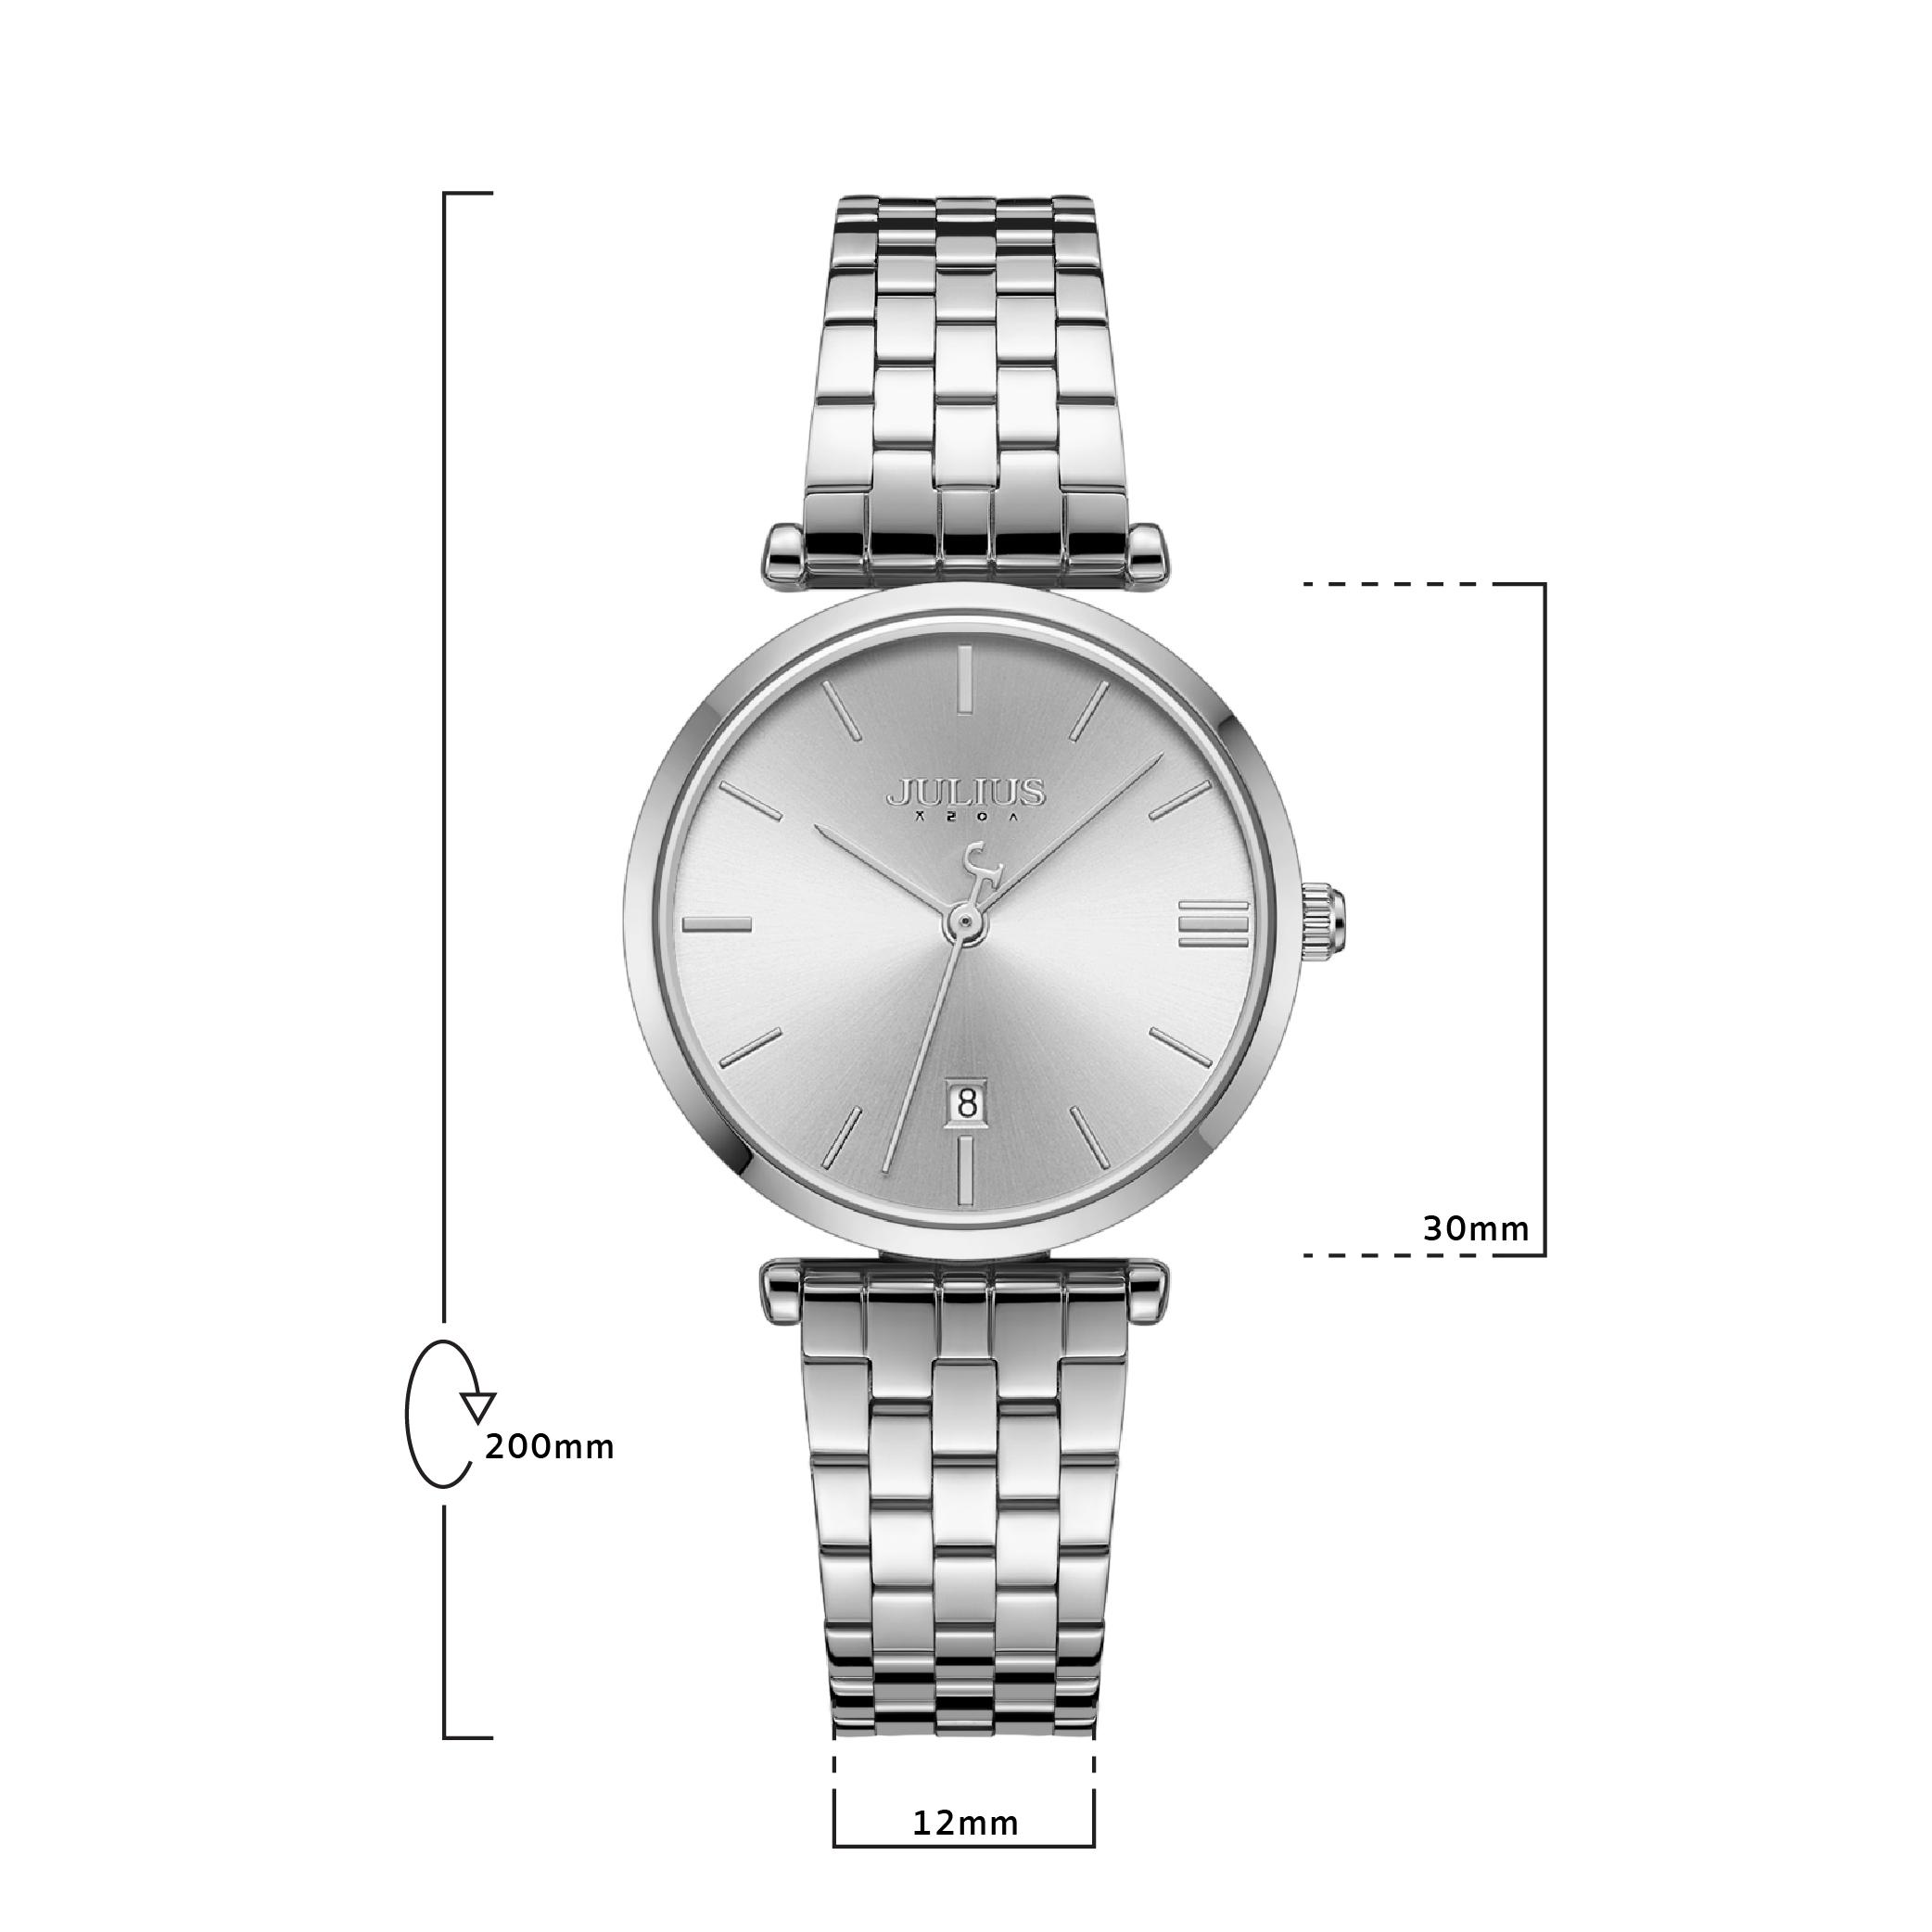 นาฬิกาข้อมือผู้หญิง JULIUS JA-1260L A